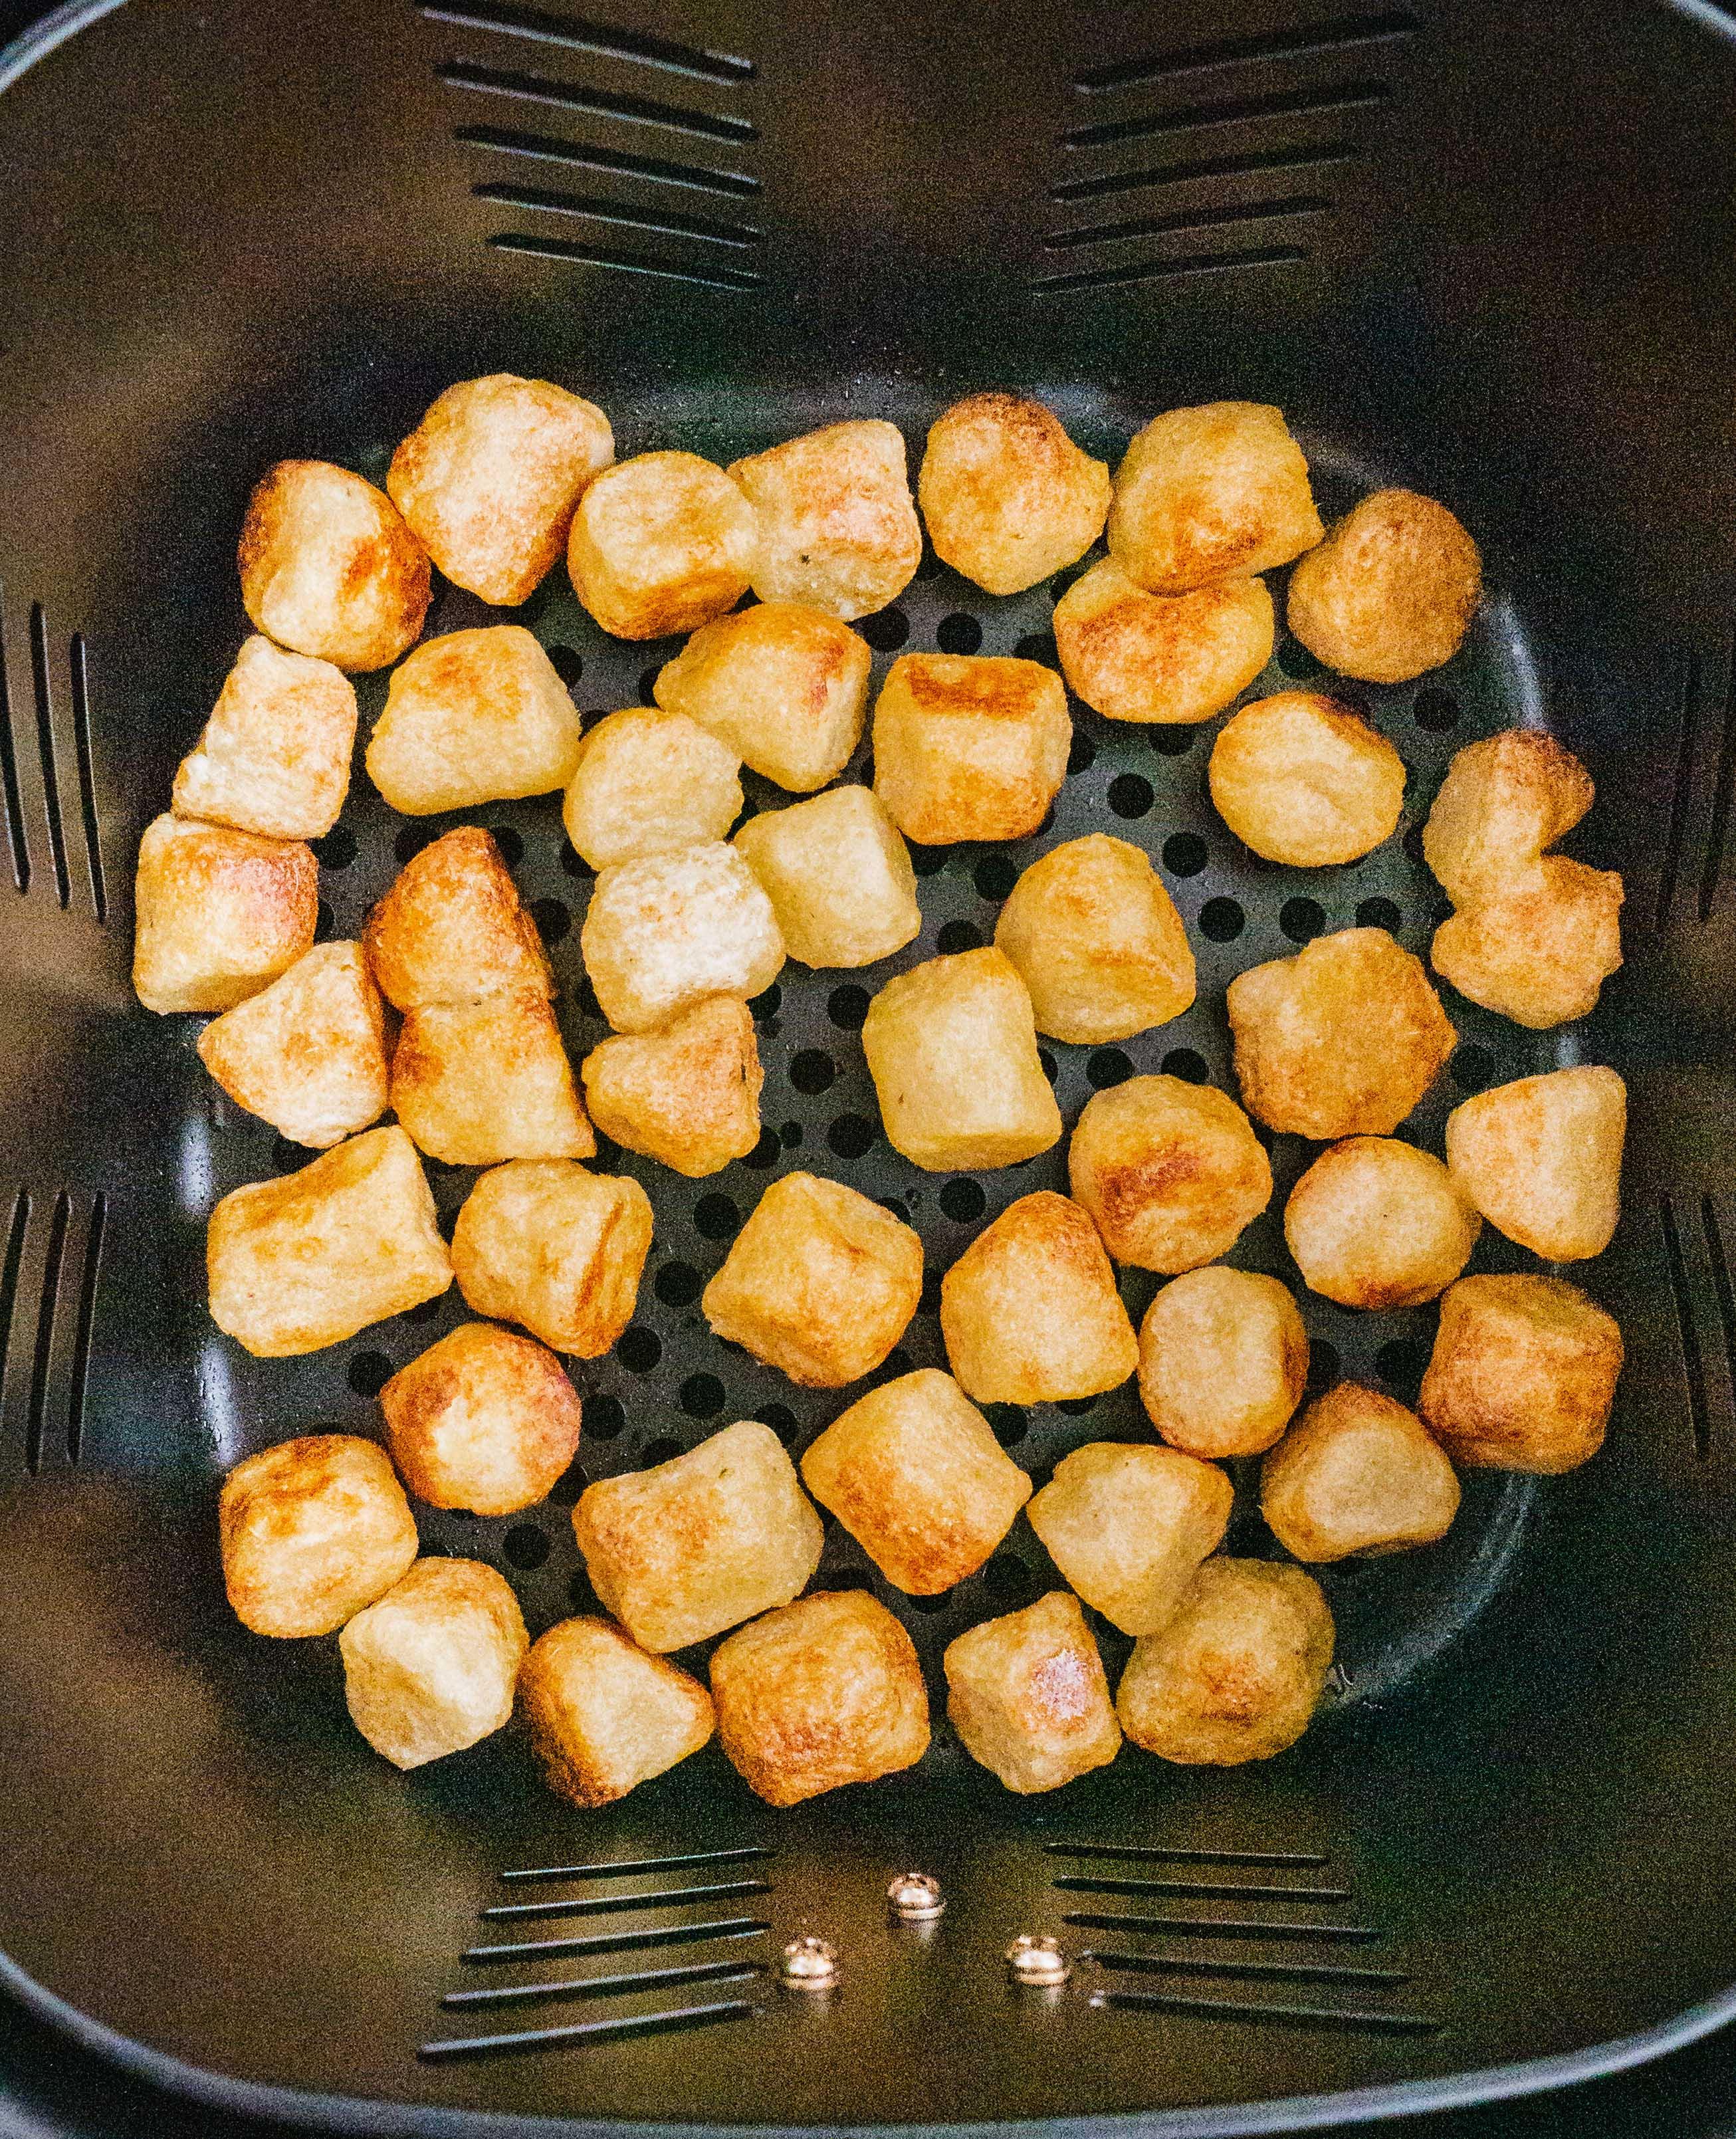 Crispy air fryer cauliflower gnocchi fresh out of the air fryer.